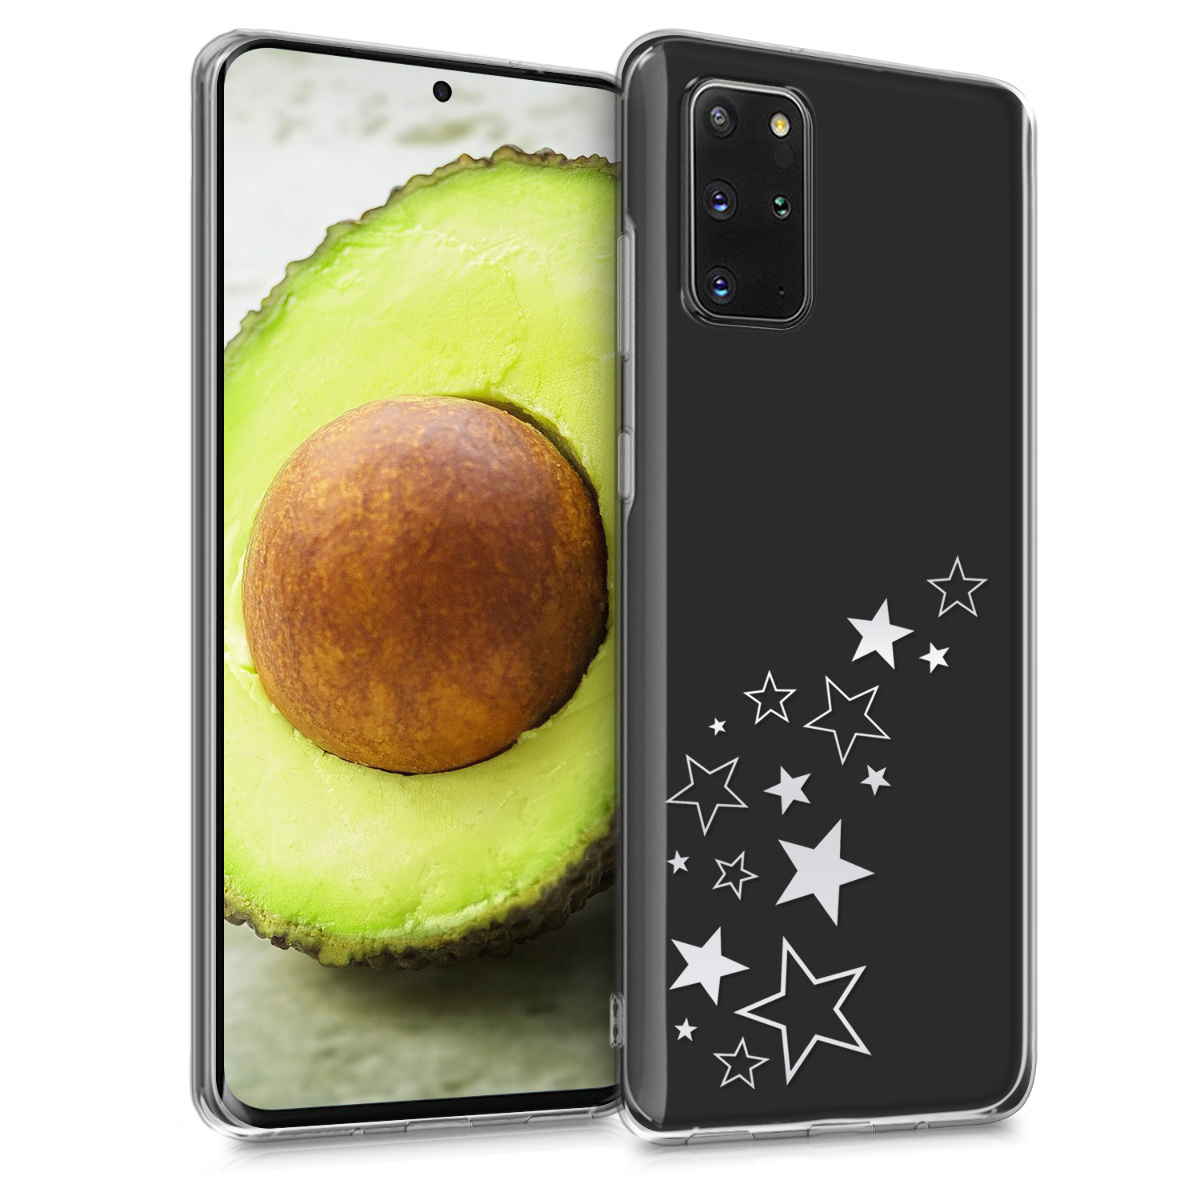 Silikonové pouzdro / obal s motivem stříbrných hvězd pro Samsung S20 Plus